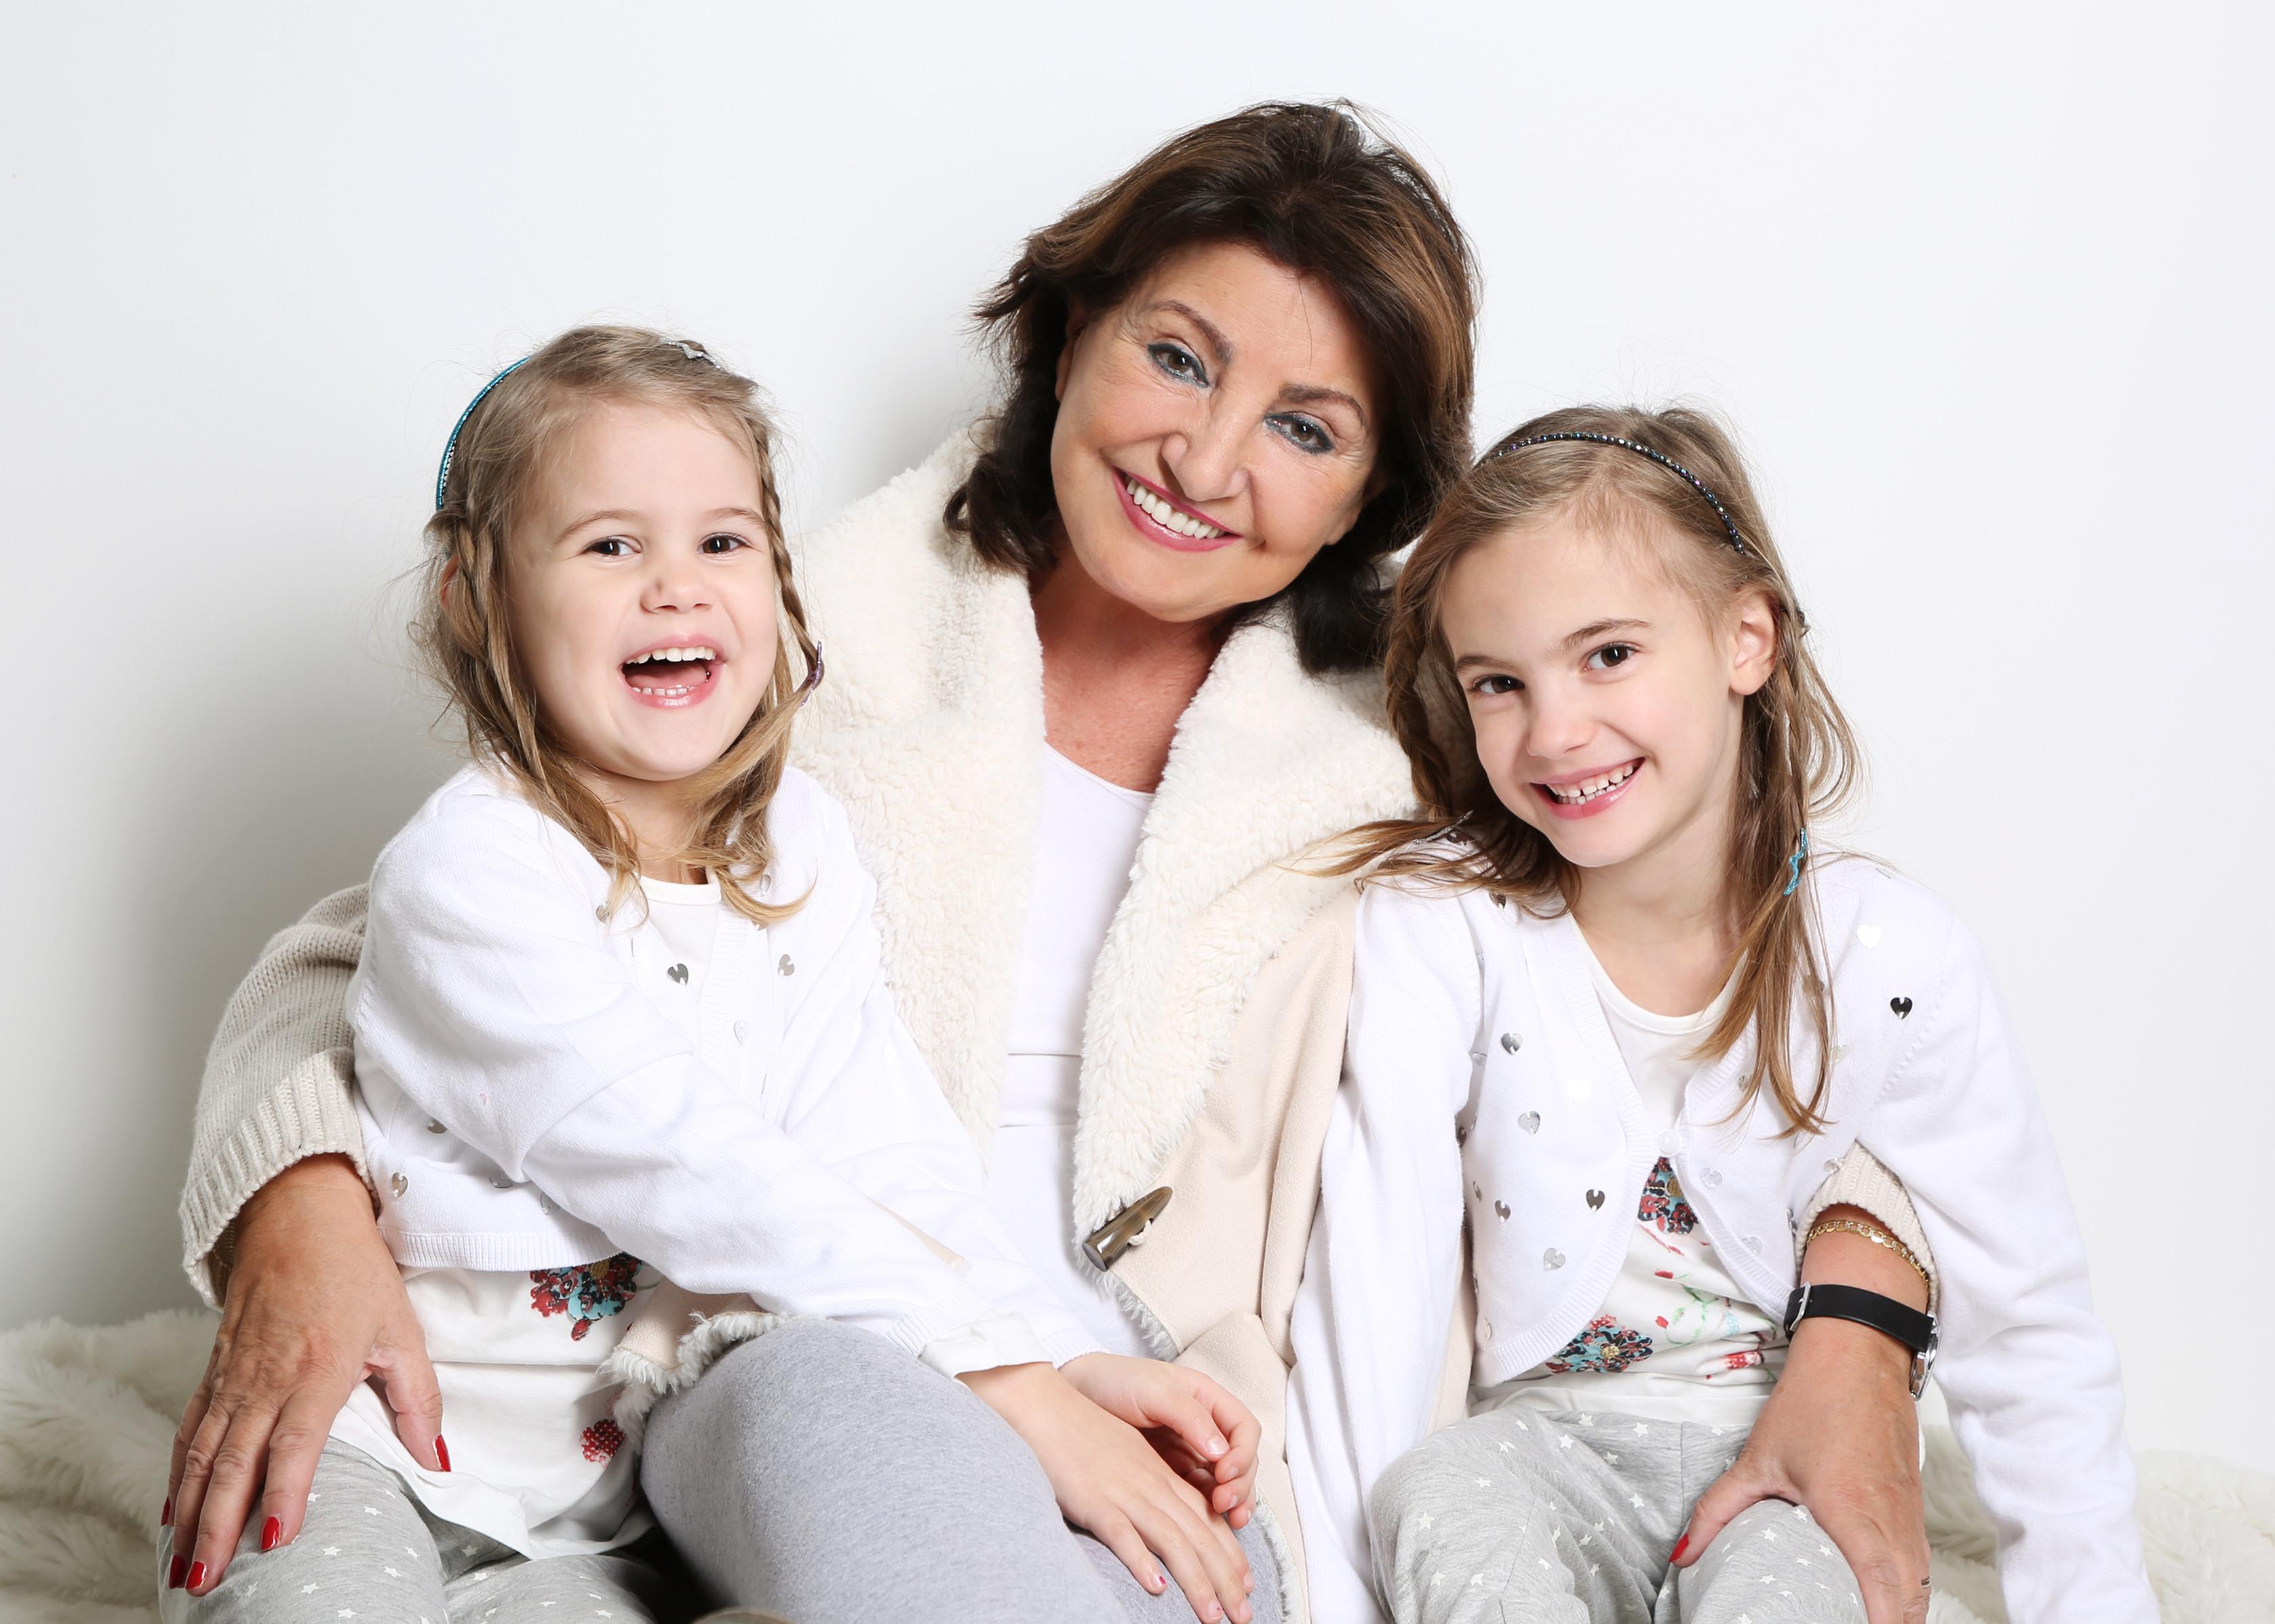 Familien Fotoshooting bis zu 4 Personen